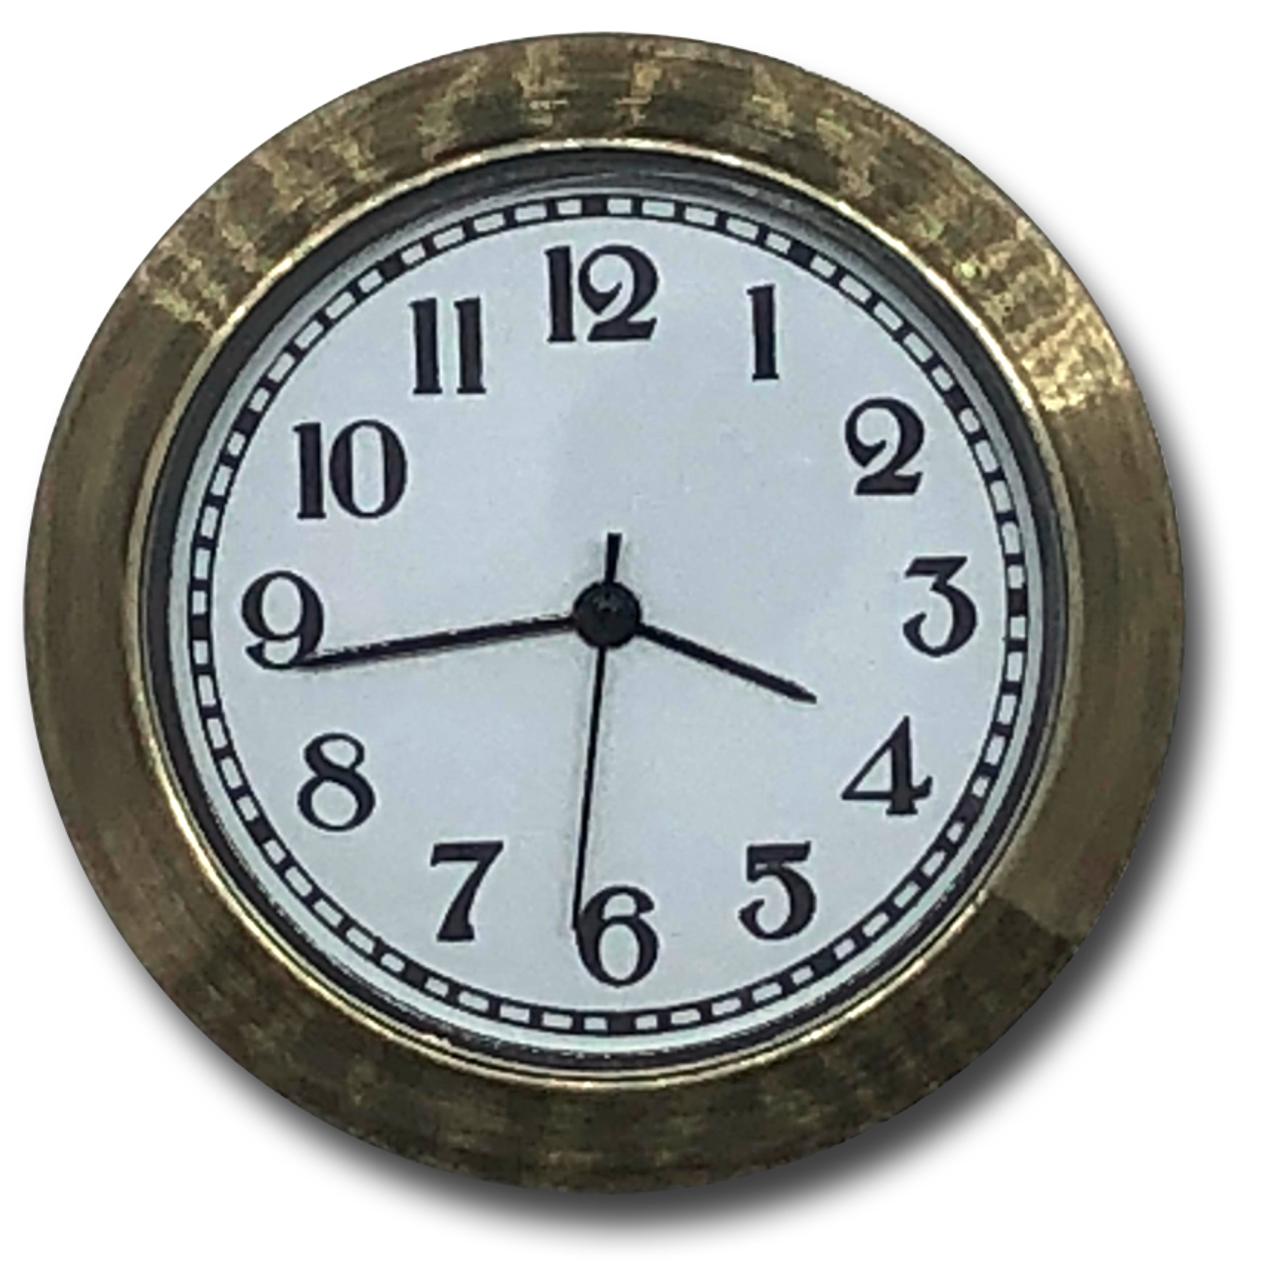 1-7/16 (36mm) Antique Brass Bezel White Face Glass Lens Clock Insert/Fit Up